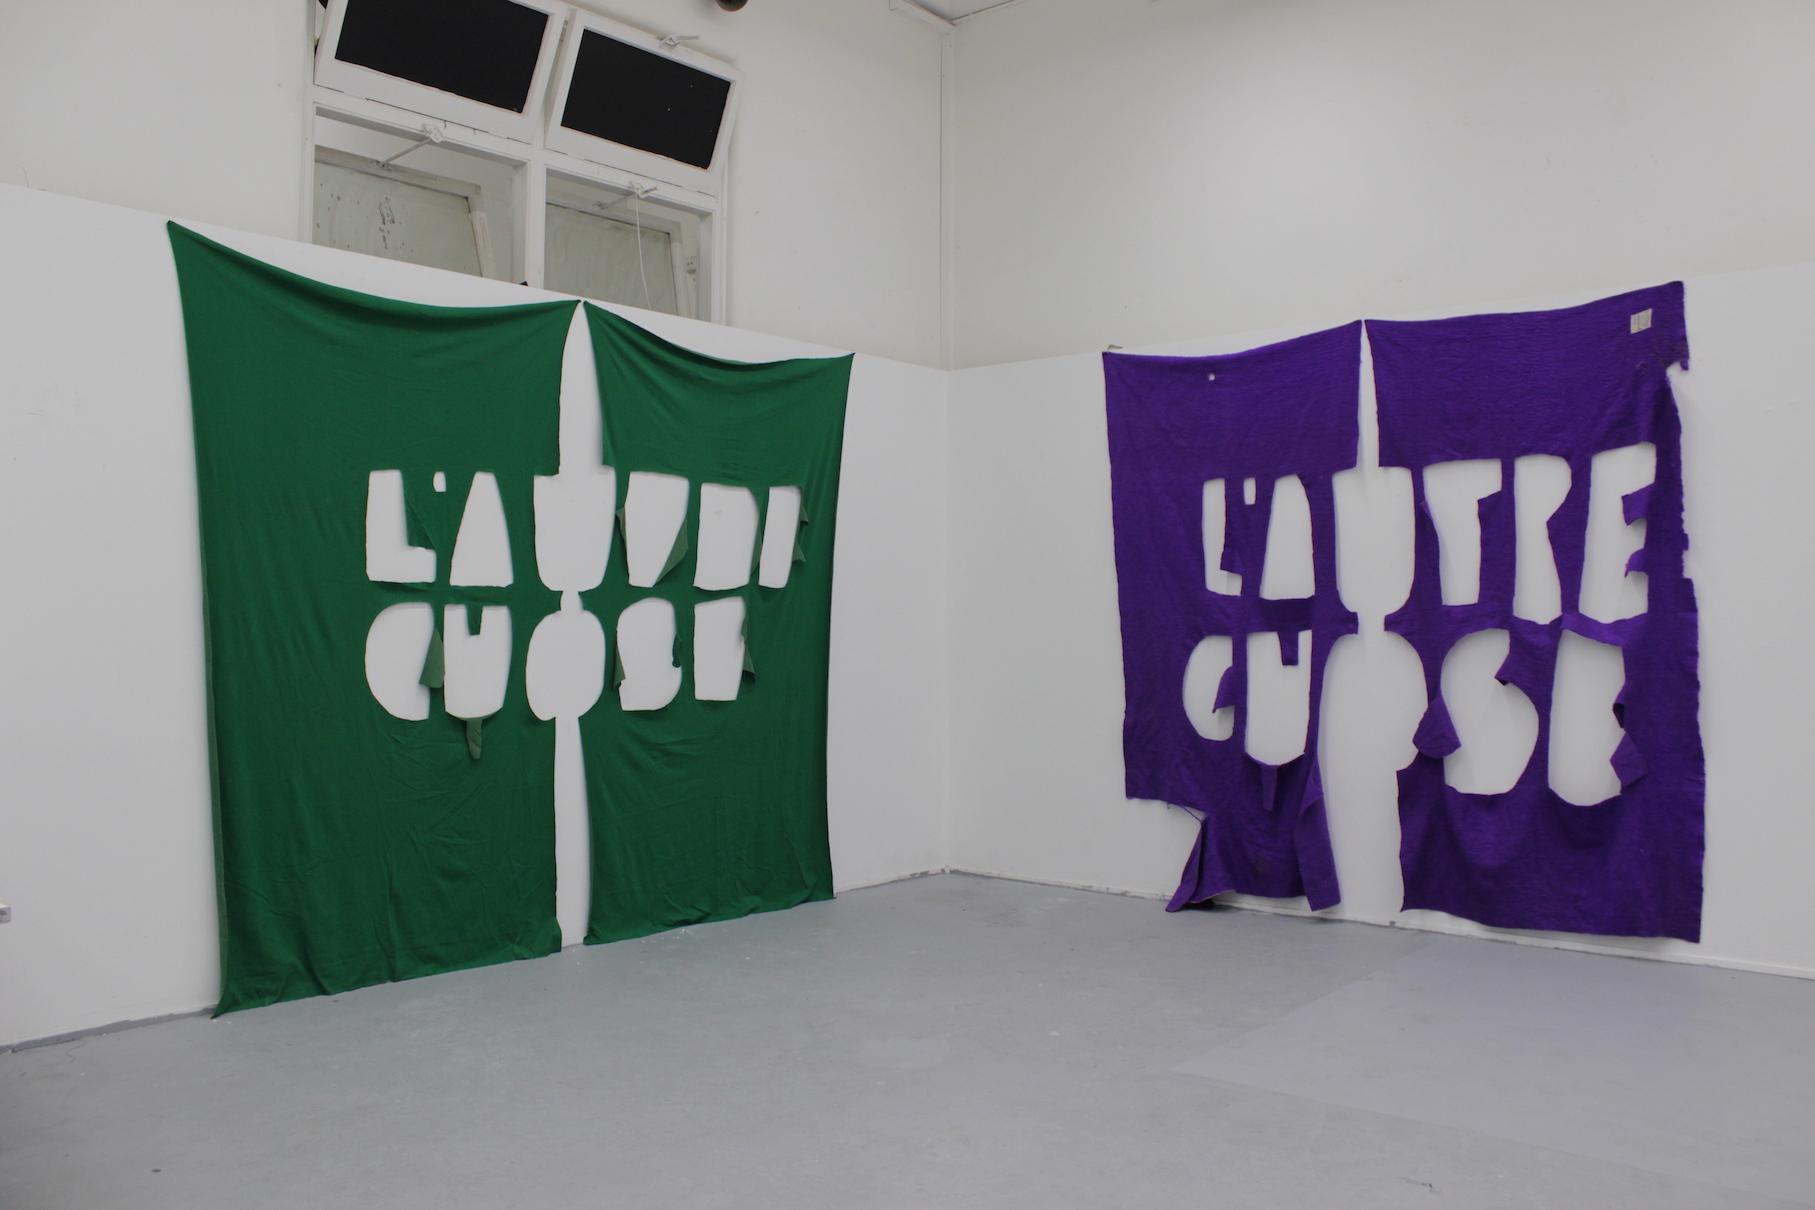 Penelope Moye, L-R  L'autre chose (green) , 2017, fabric, approx. 240 X 240 cm, L'autre chose (purple), 2017, found blanket, approx. 230 x 235 cm